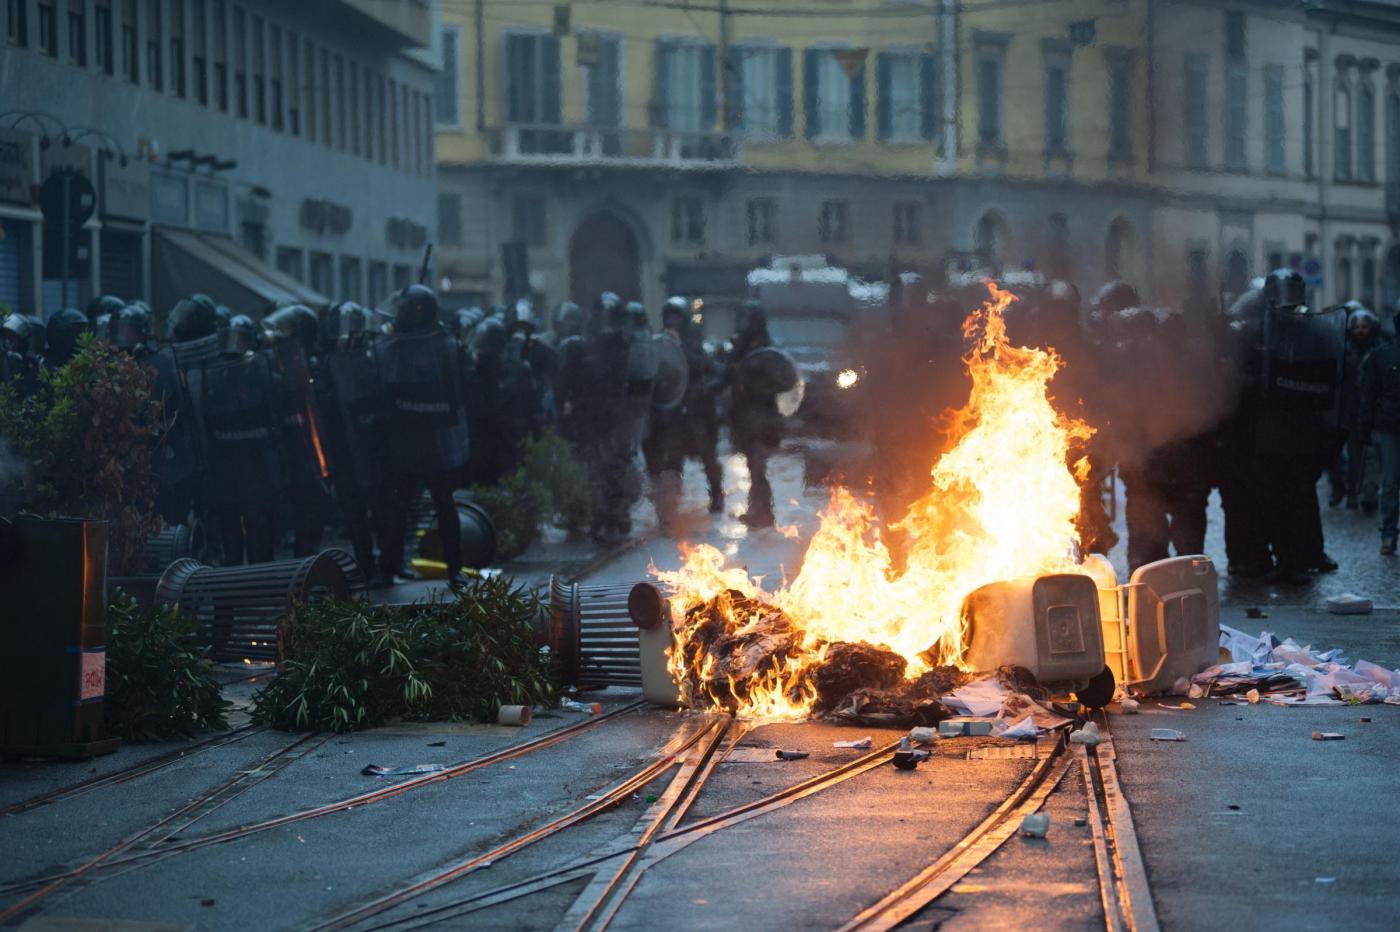 Expo 2015, guerriglia urbana a Milano con molotov e auto in fiamme: i pm indagano per devastazione